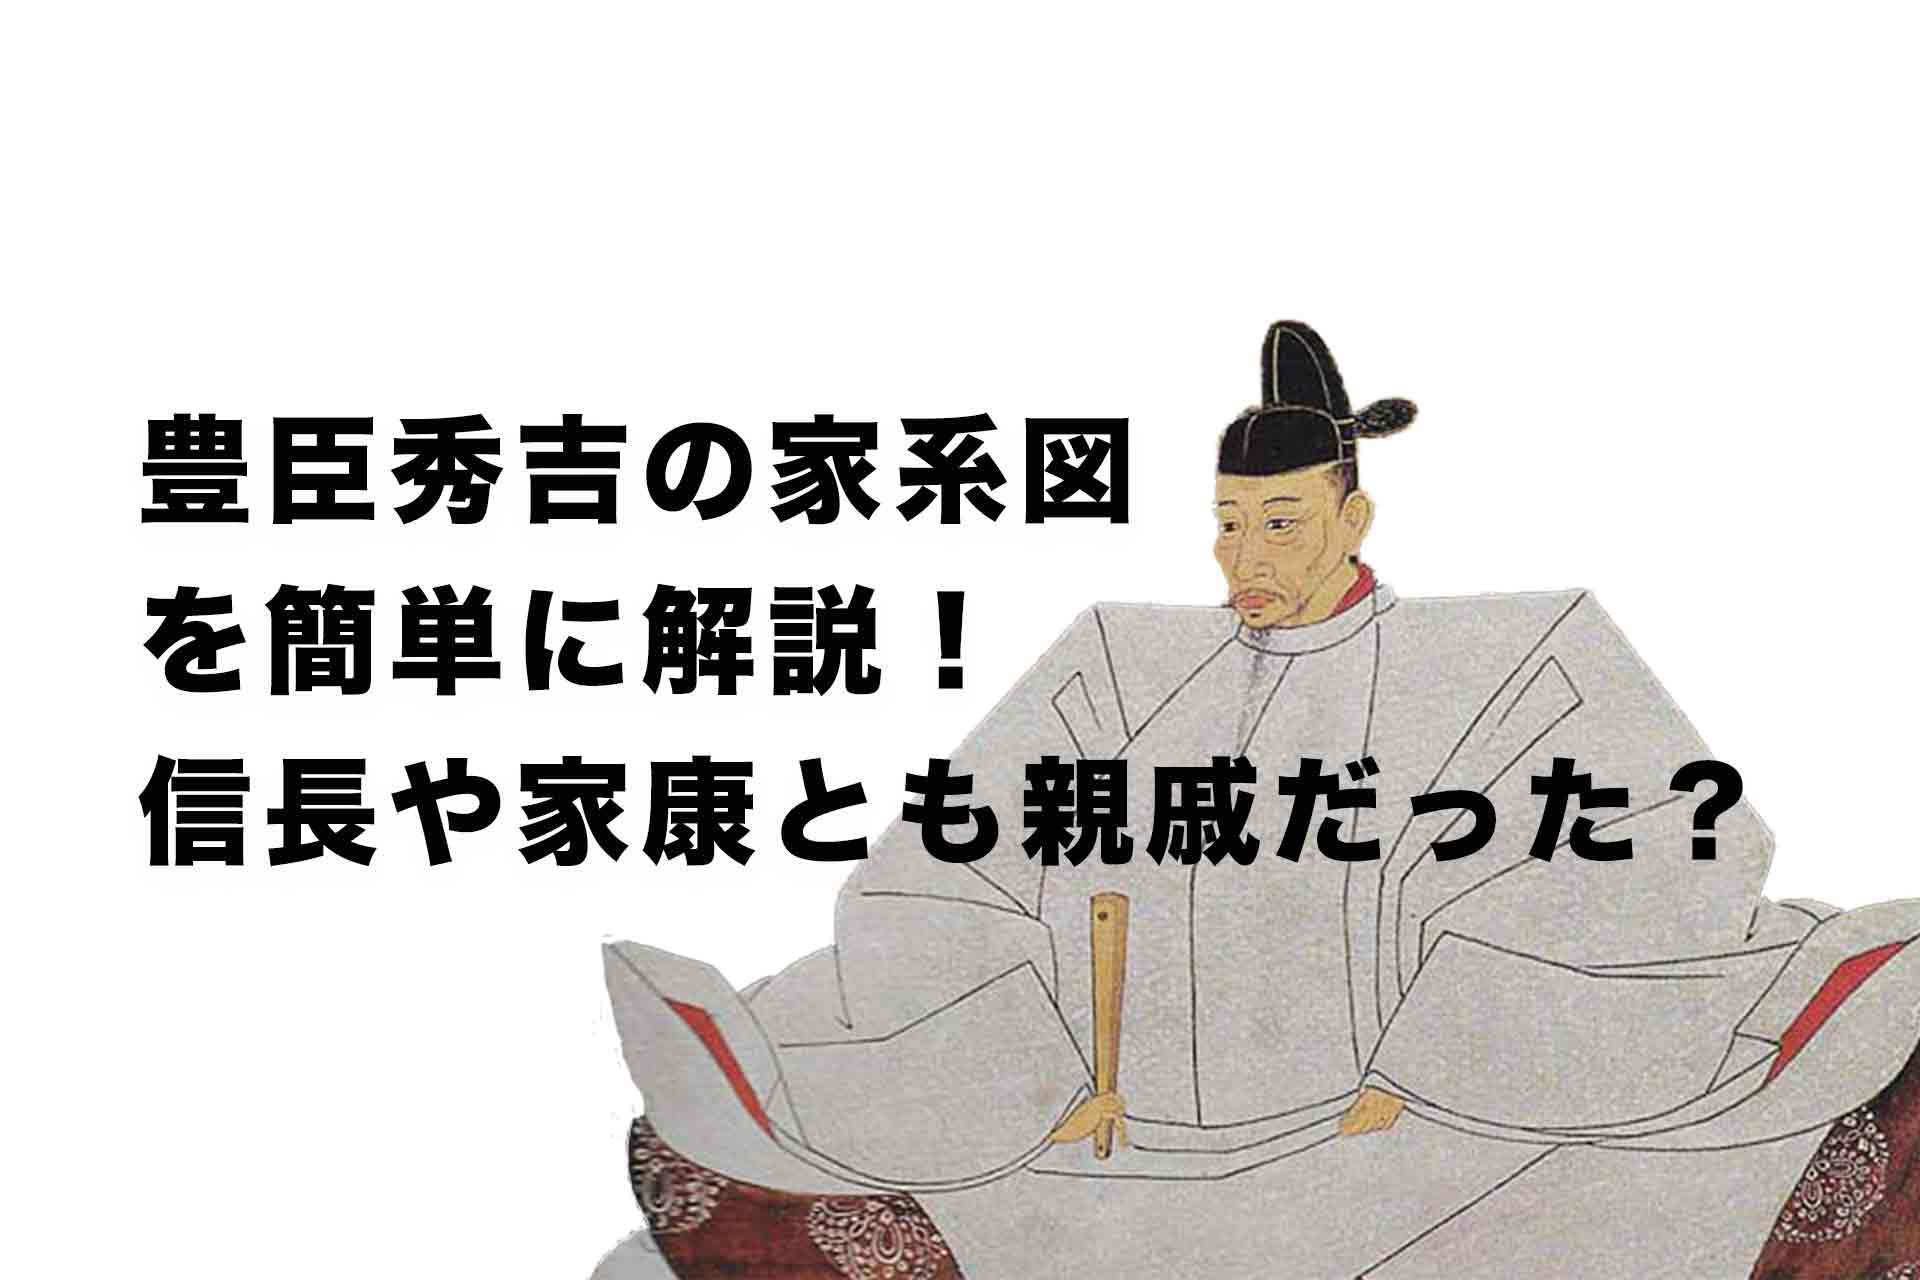 豊臣秀吉の家系図を簡単に解説!信長や家康とも親戚だった?父母兄弟、子供は?